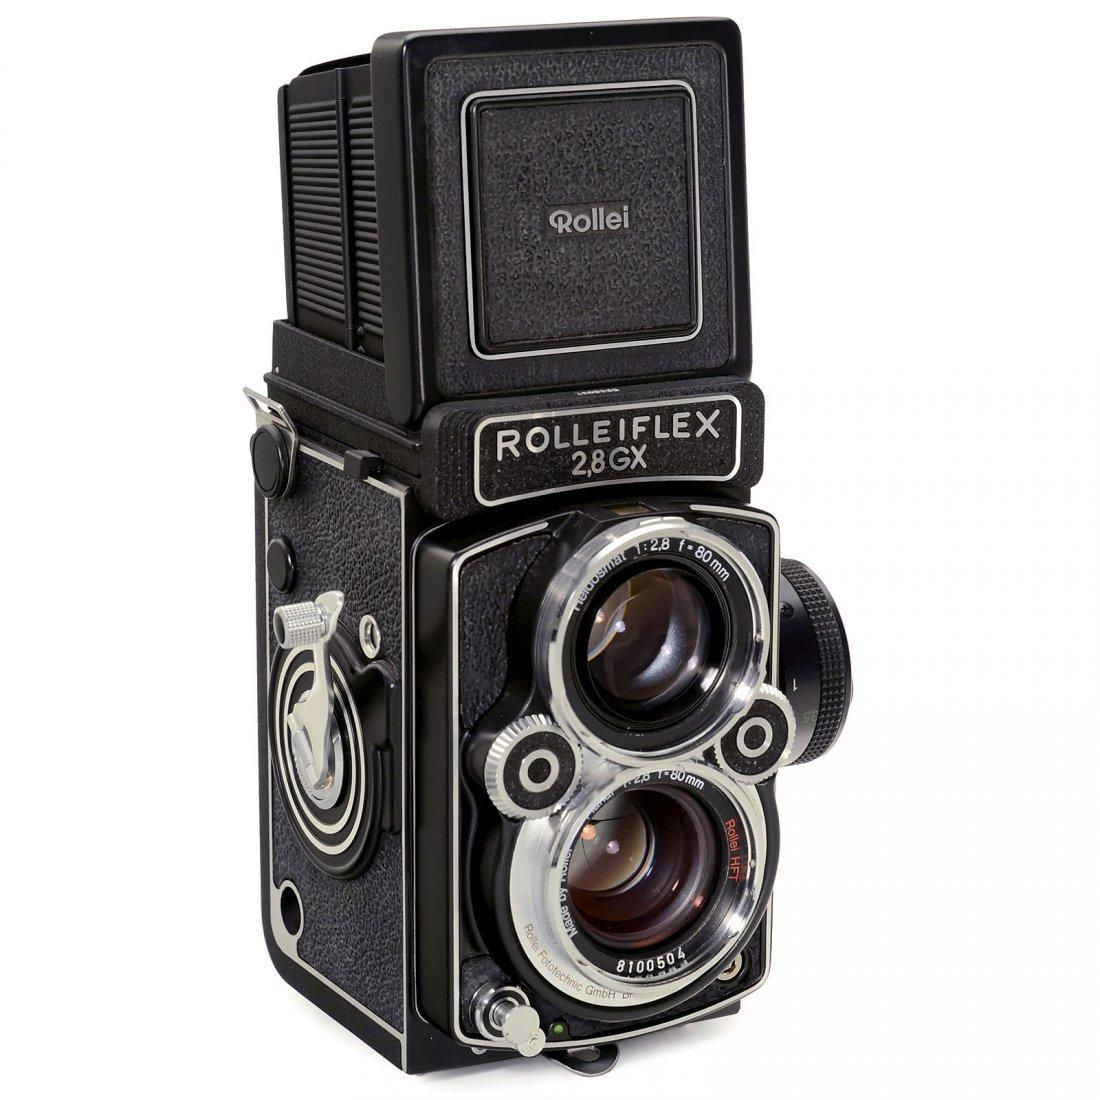 Rolleiflex 2,8 GX, c. 1988